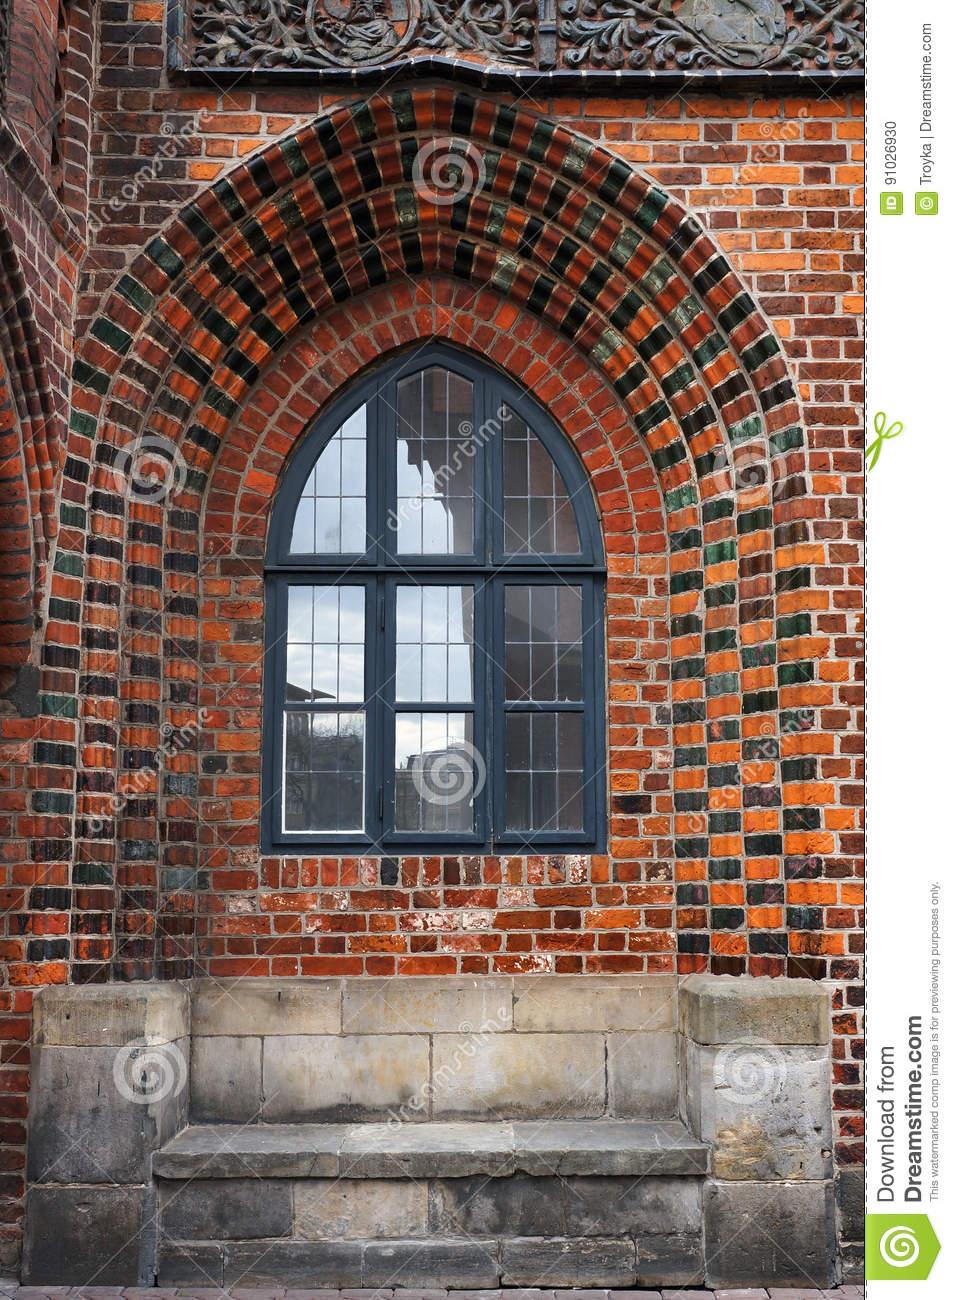 Full Size of Fenster Hannover In Backsteinmauer Von Altem Rathaus Klebefolie Insektenschutzrollo Austauschen Sichtschutz Sonnenschutz Für 120x120 Winkhaus Einbruchschutz Fenster Fenster Hannover